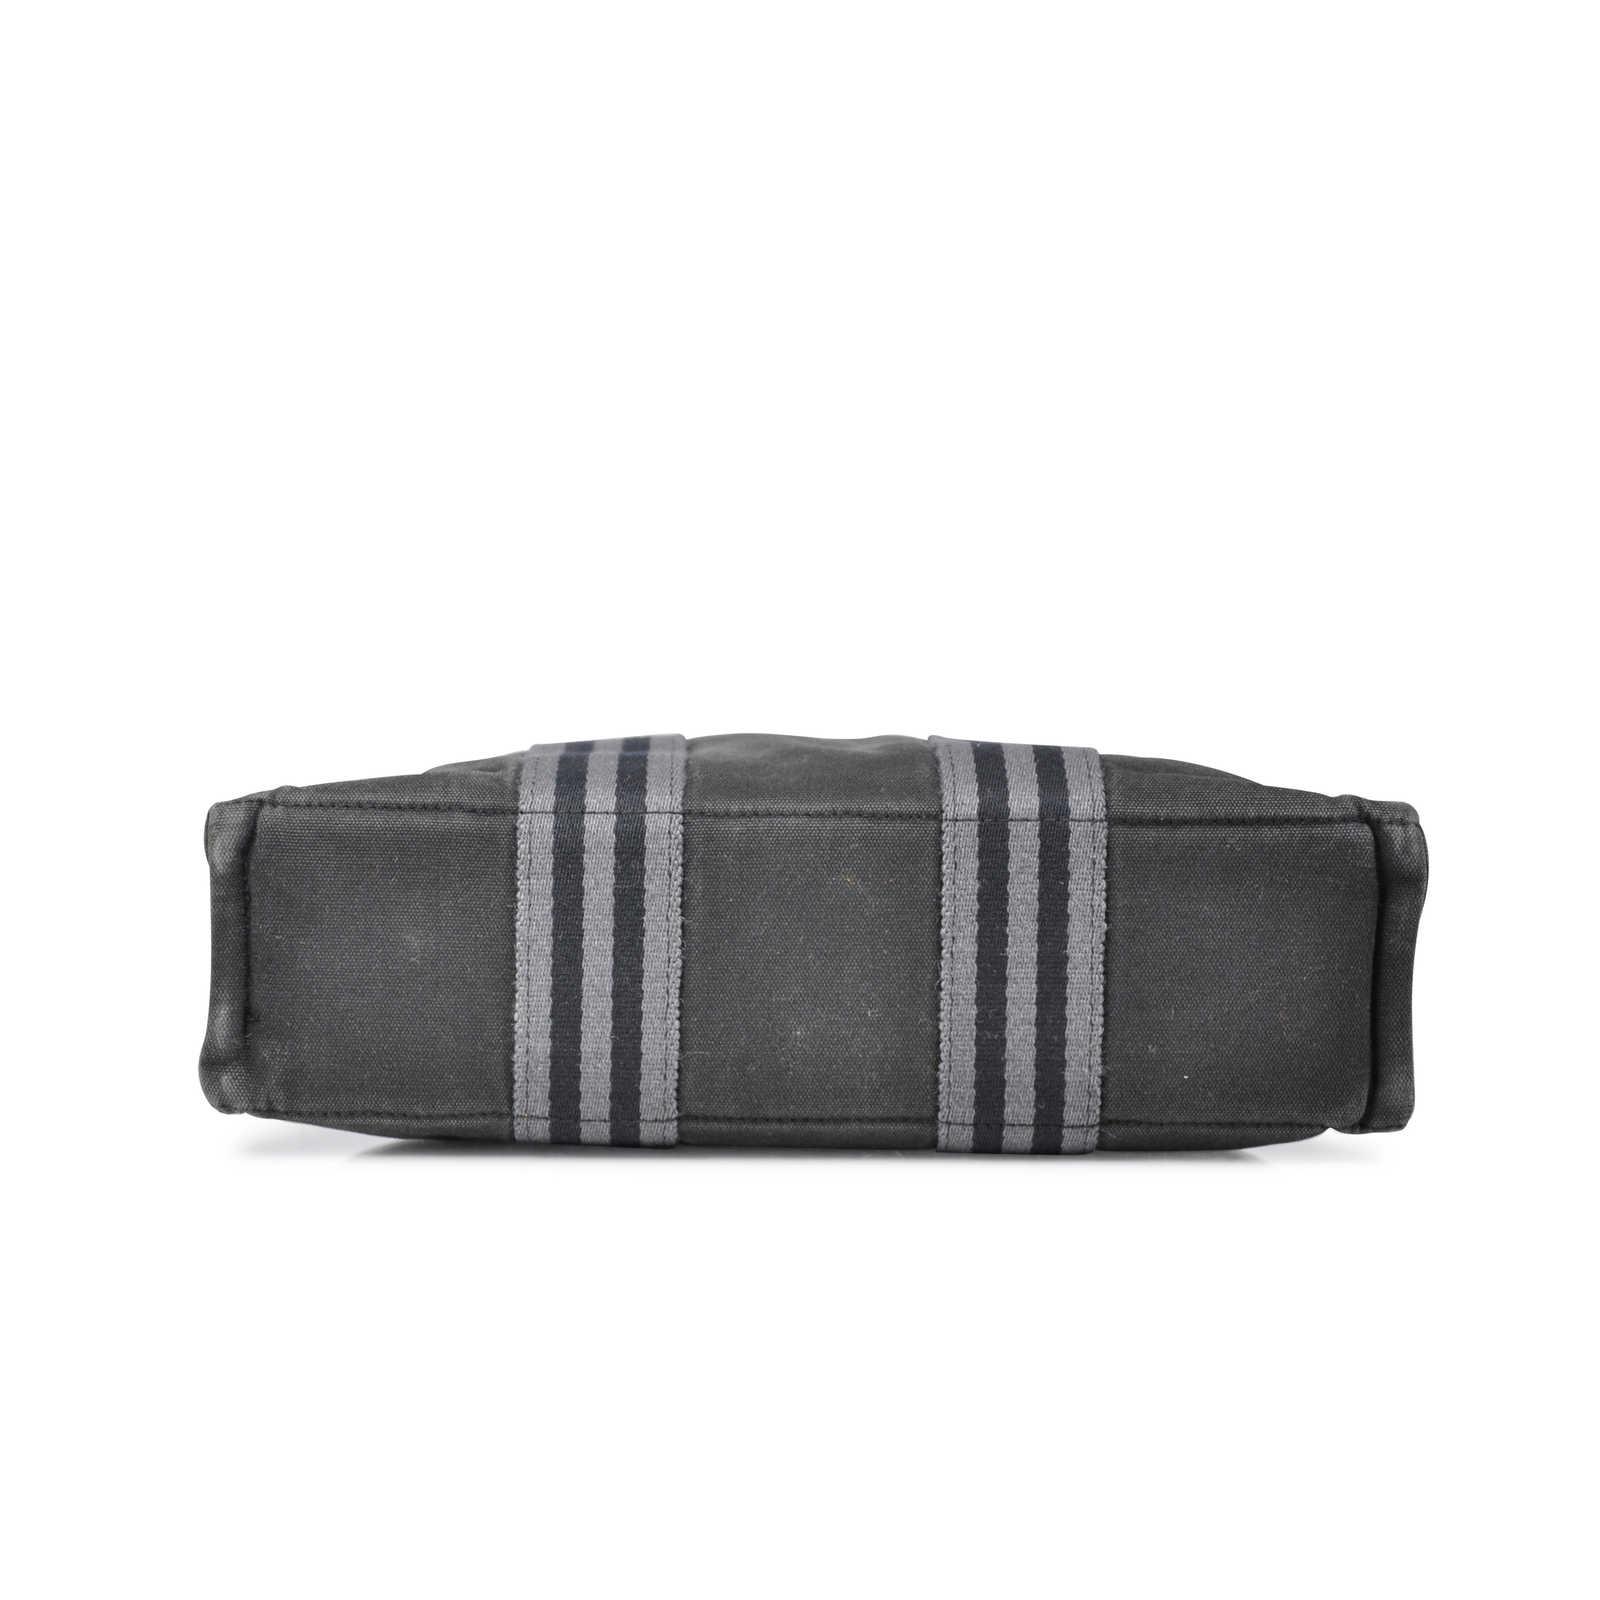 eddc672f0774 ... Authentic Second Hand Hermès Fourre Tout PM Bag (TFC-101-00039) -